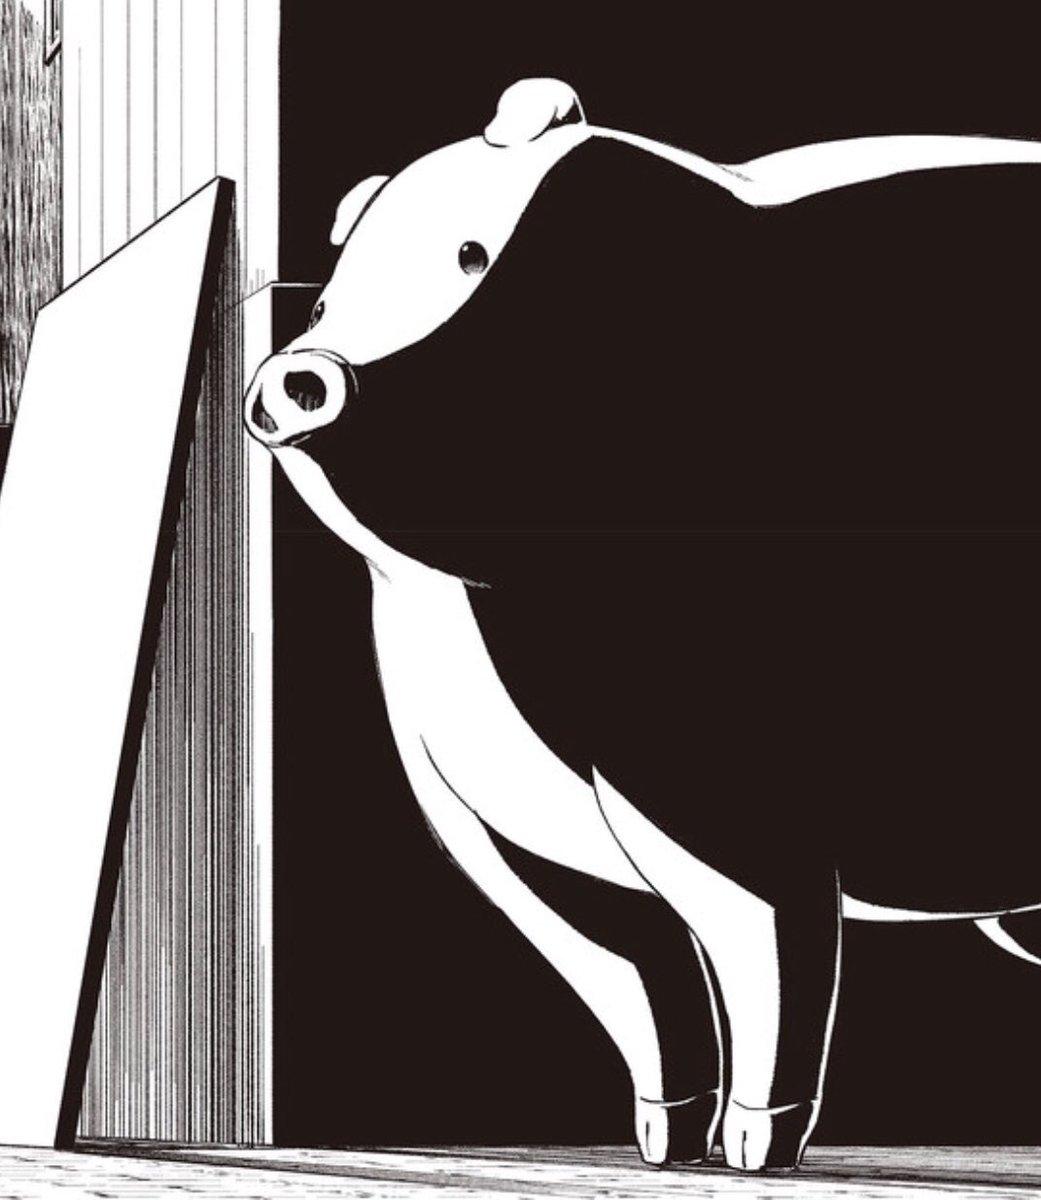 豚レバコミック5話②更新!裏路地で「何か」を聞いてしまった豚さん🐖スカートの中を覗いてブヒブヒ言っていた彼が、痛む身体に鞭打って恩人の少女を助けに走る──!ここから本当の豚レバが始まりますComicWalker:ニコニコ静画: